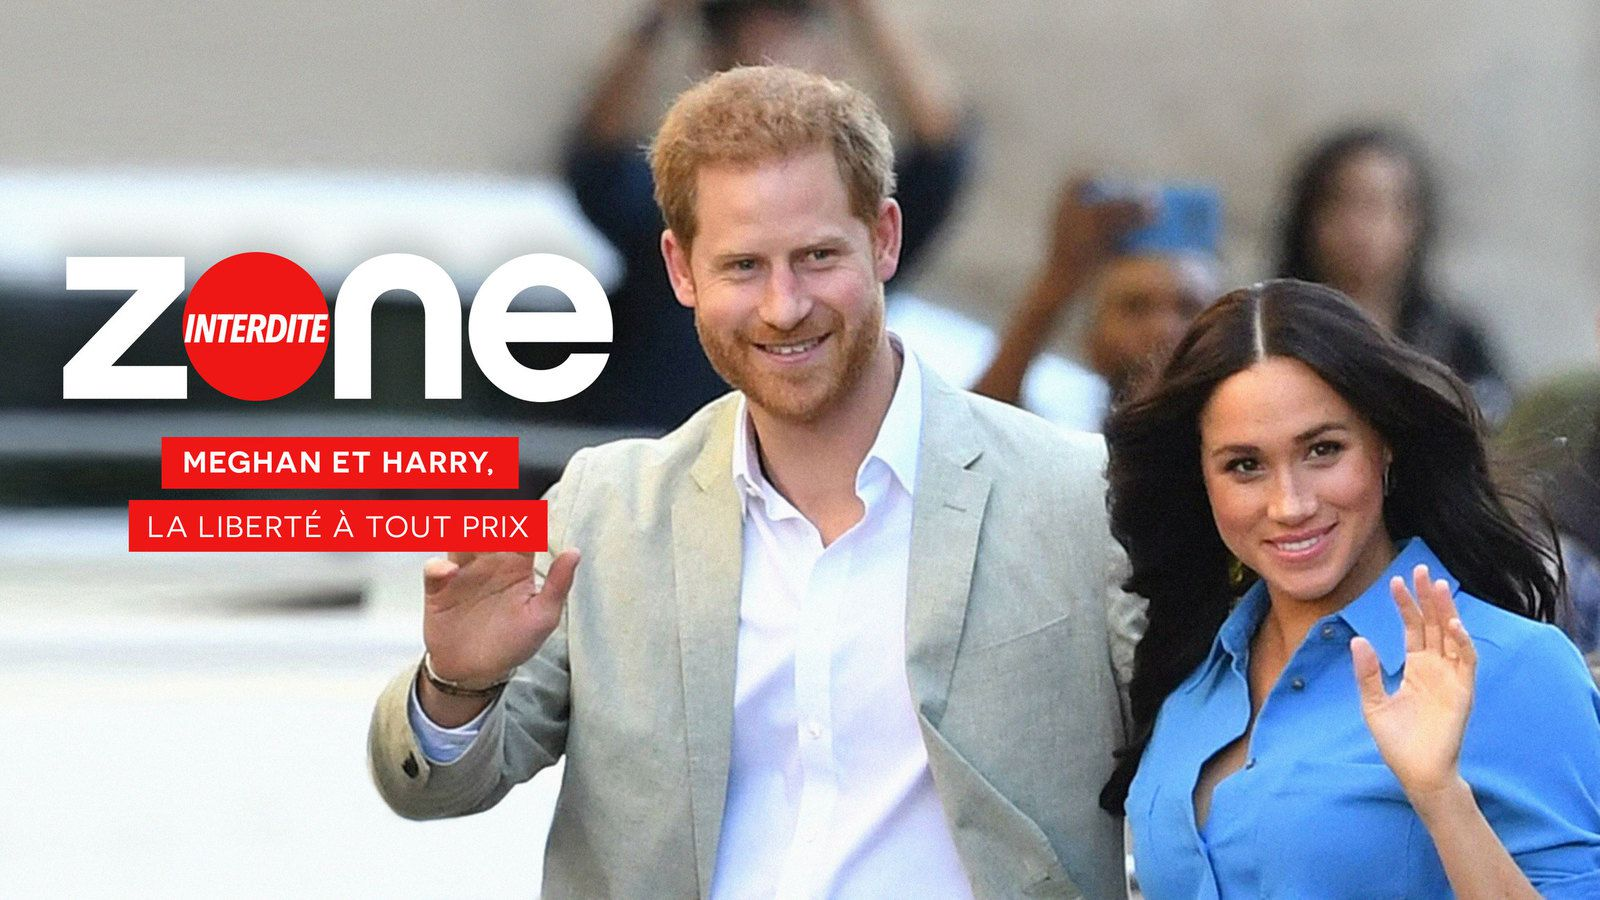 Un numéro de Zone interdite consacré ce mercredi soir à Meghan Markle et Harry (extrait).